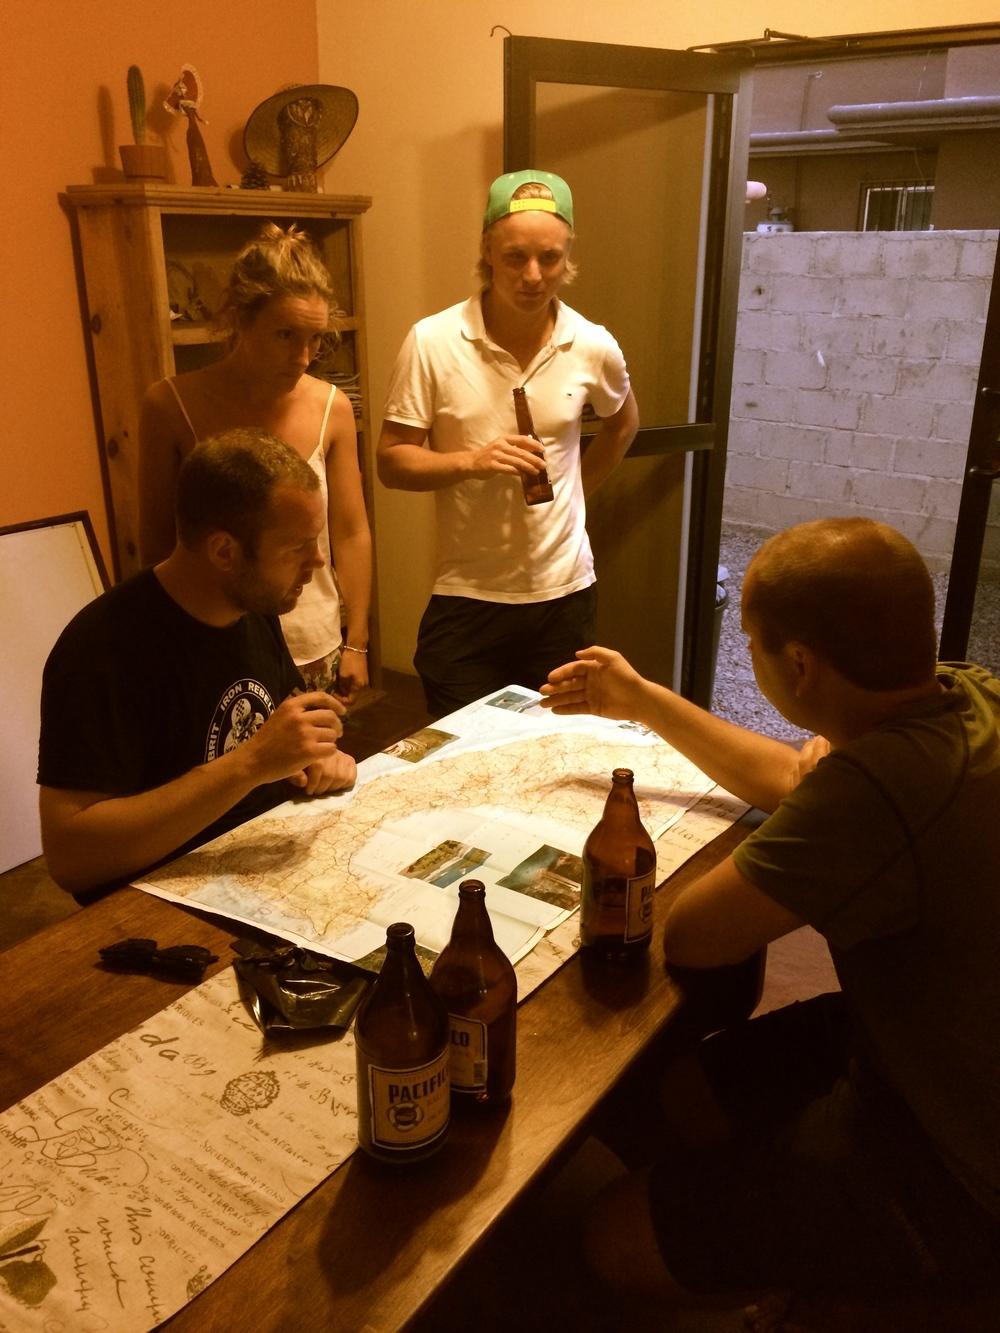 Adam, Anna, Albert, and Dan discuss route options